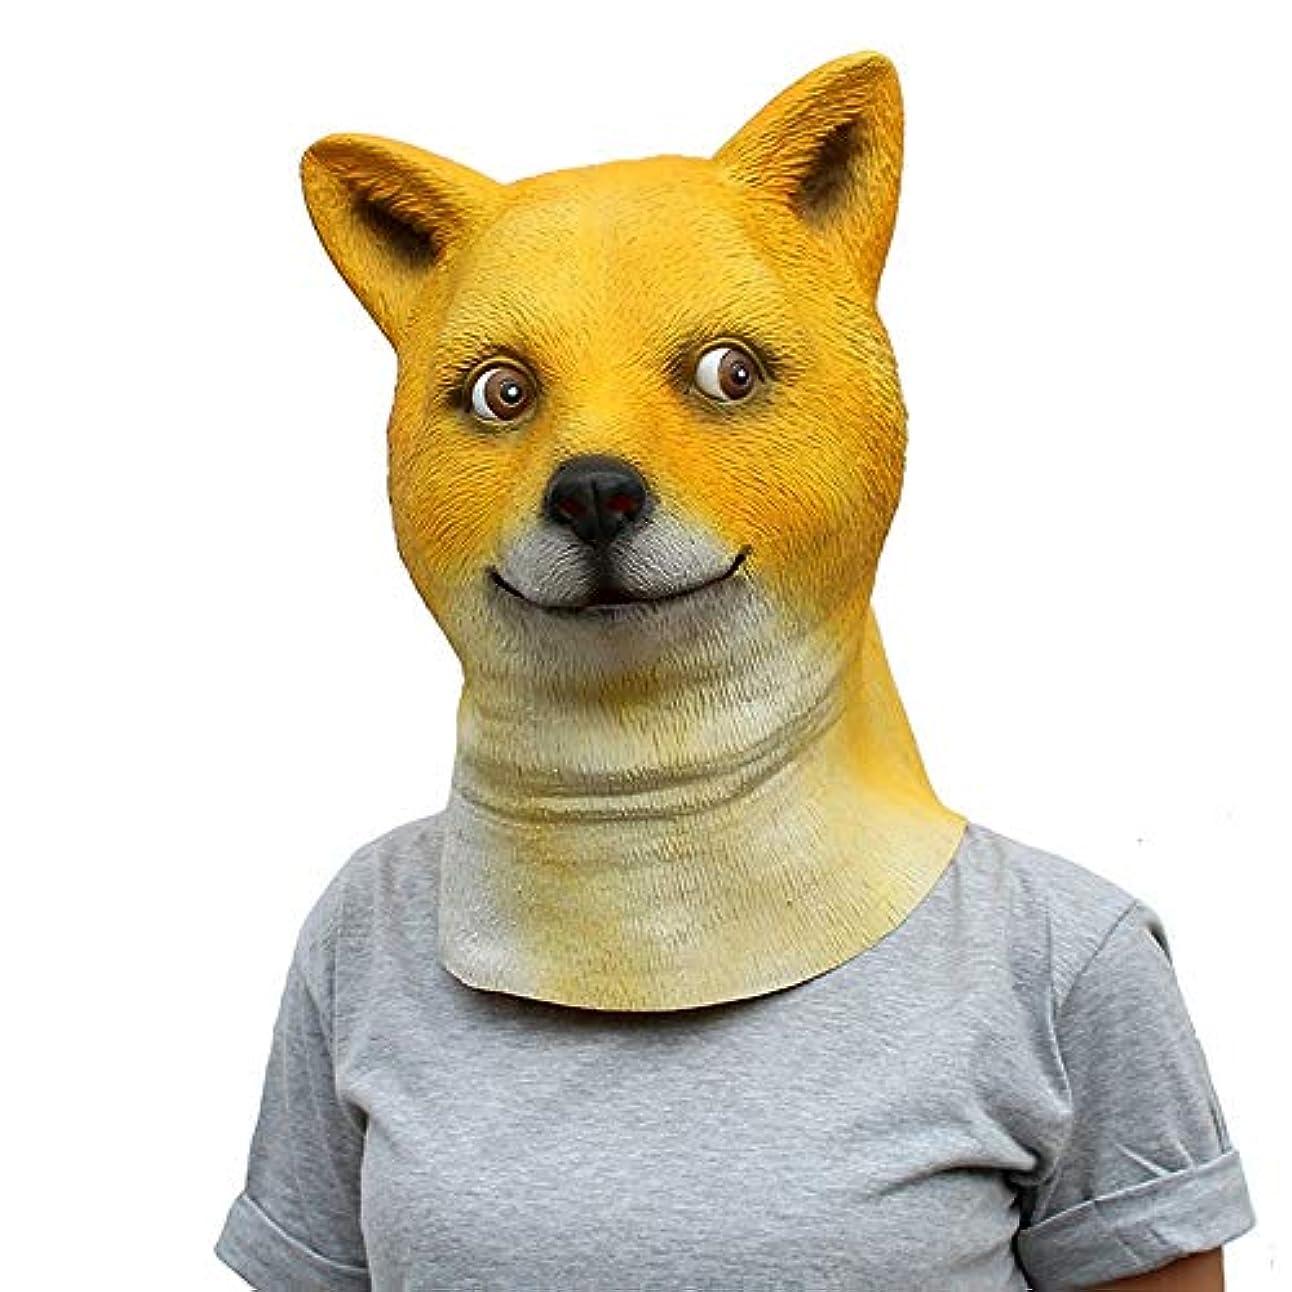 逮捕目を覚ますボスハロウィンラテックスマスクかわいい犬ヘッドマスクバーダンスパーティー小道具フェイスマスク